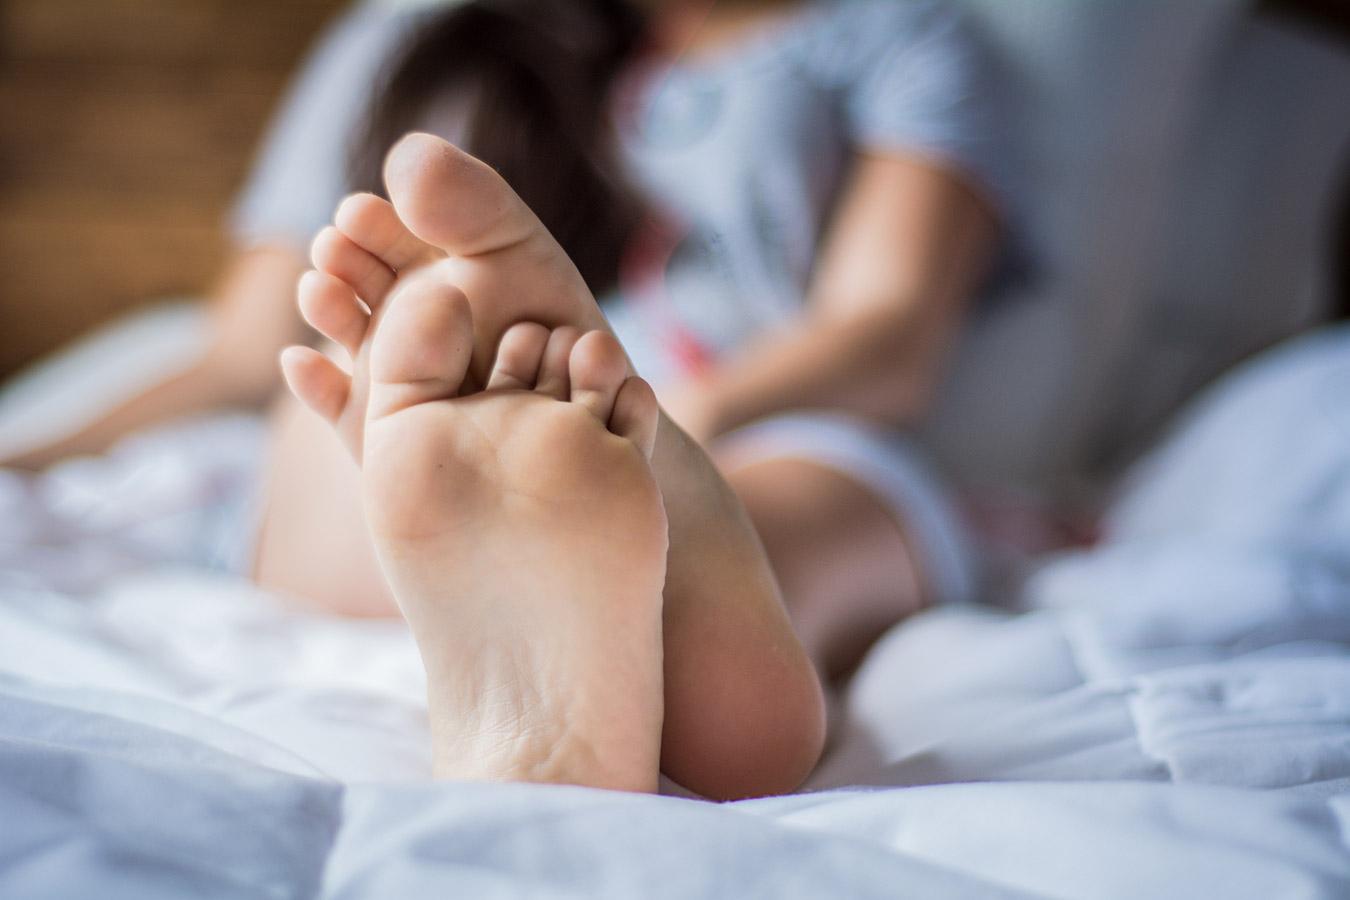 Ból nóg w nocy lub w spoczynku [przyczyny]